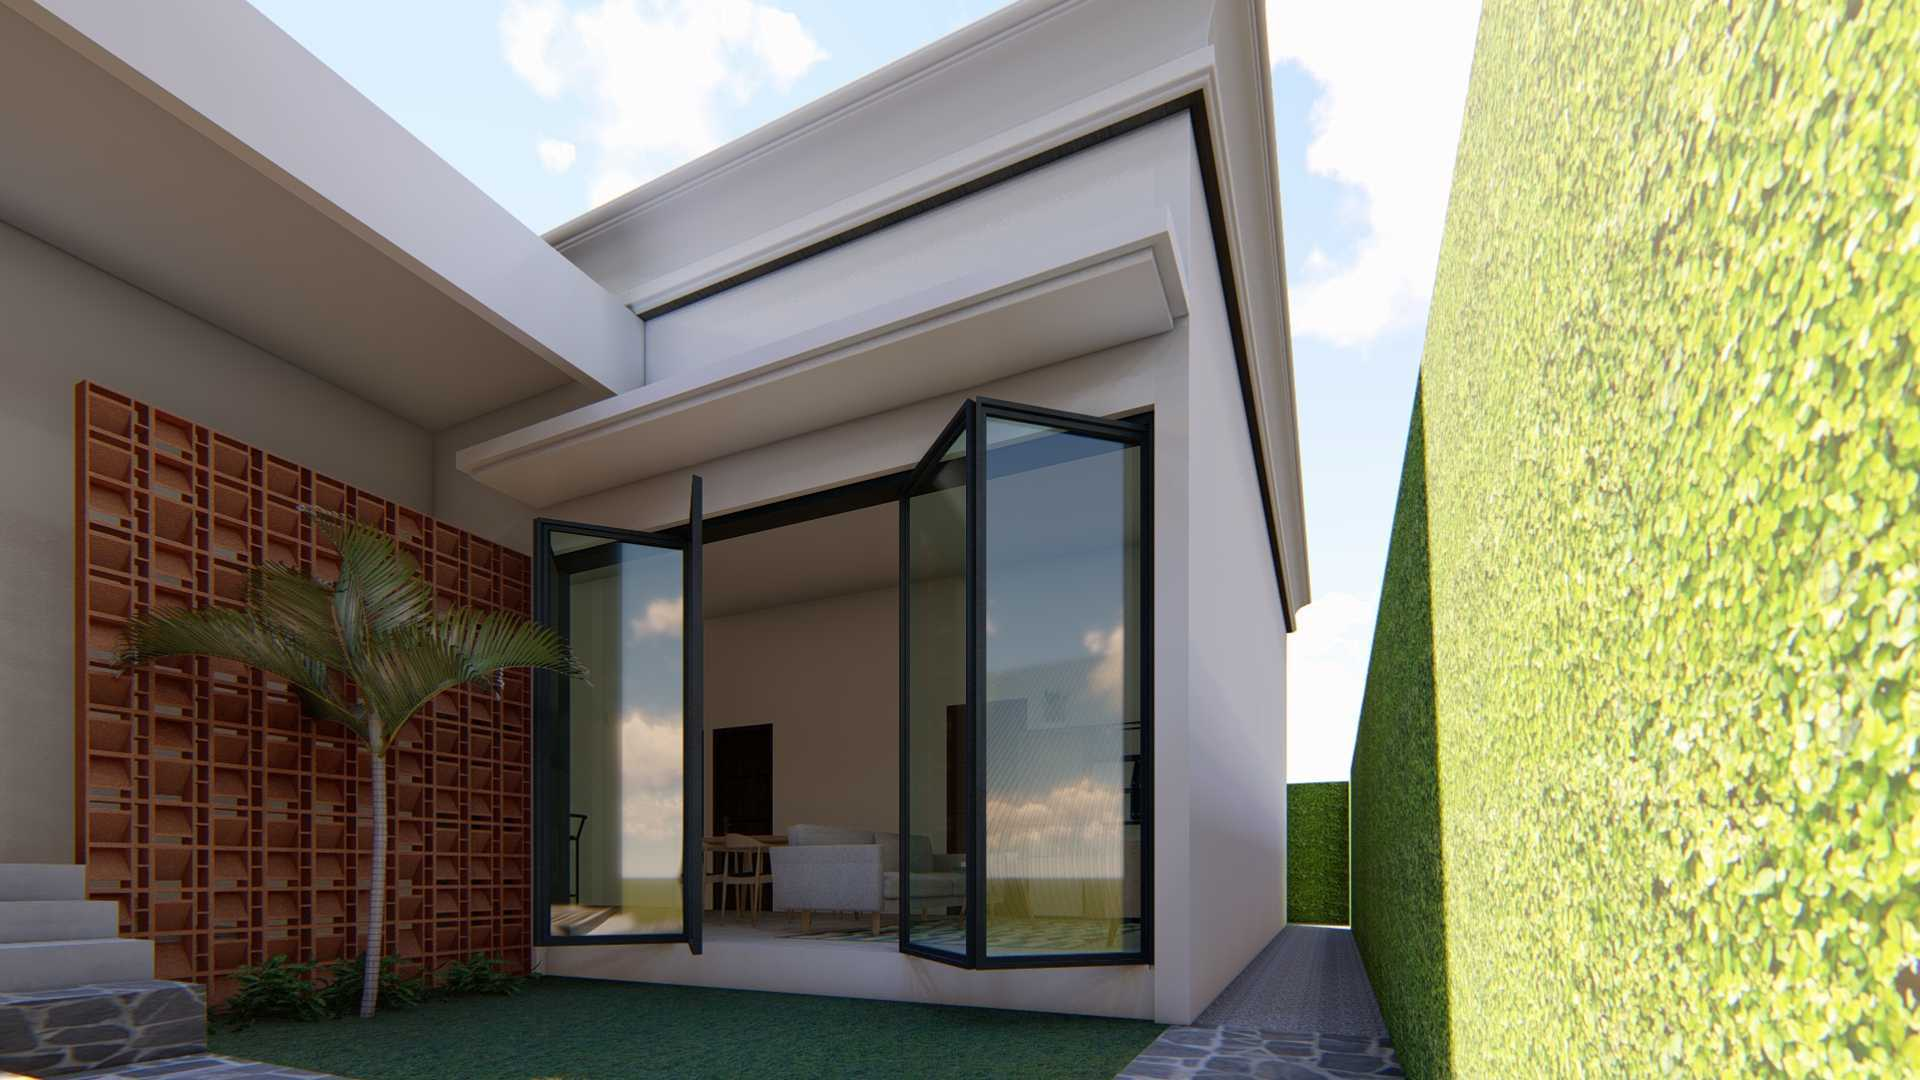 Astabumi Studio Pr House Tegal Tegal, Kota Tegal, Jawa Tengah, Indonesia Yogyakarta Cv-Astabumi-Manunggal-Prakarsa-Jto-Jogja-Trade-Office  119471